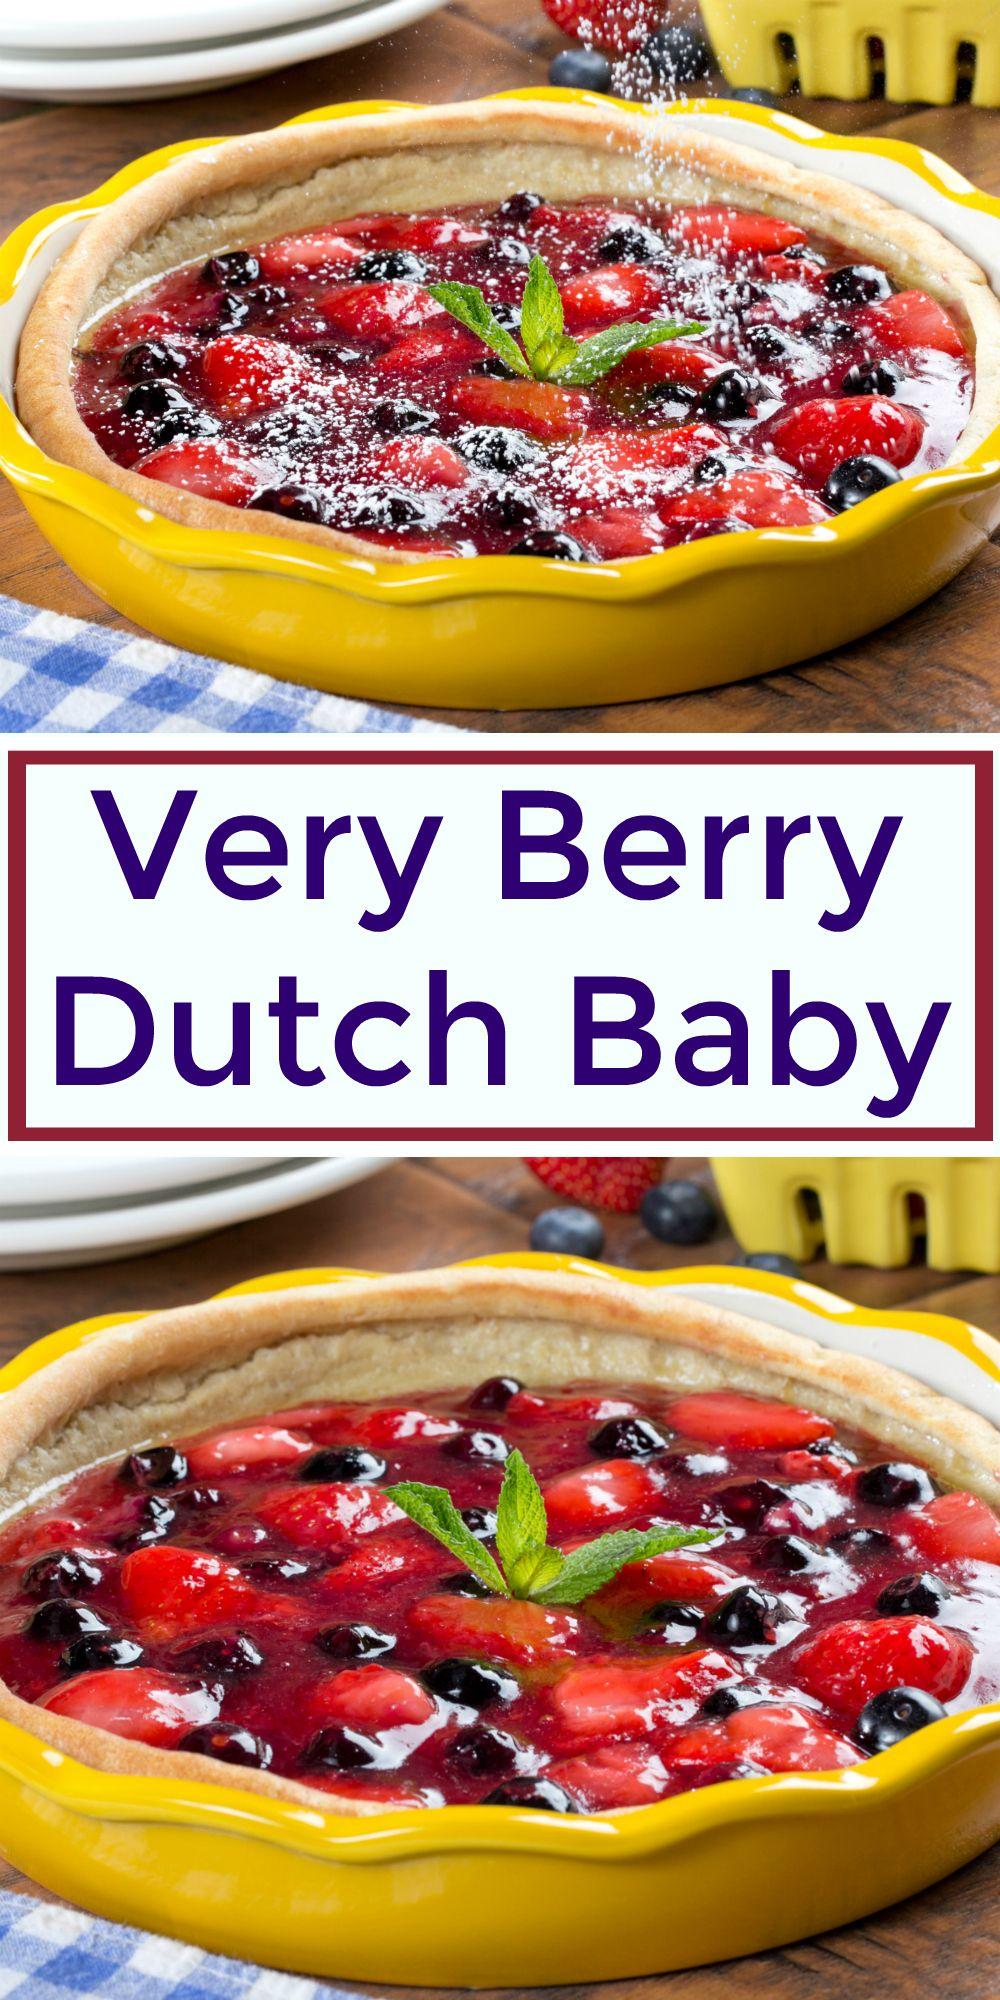 Very Berry Dutch Baby | Recipe | Breakfast casserole easy ...